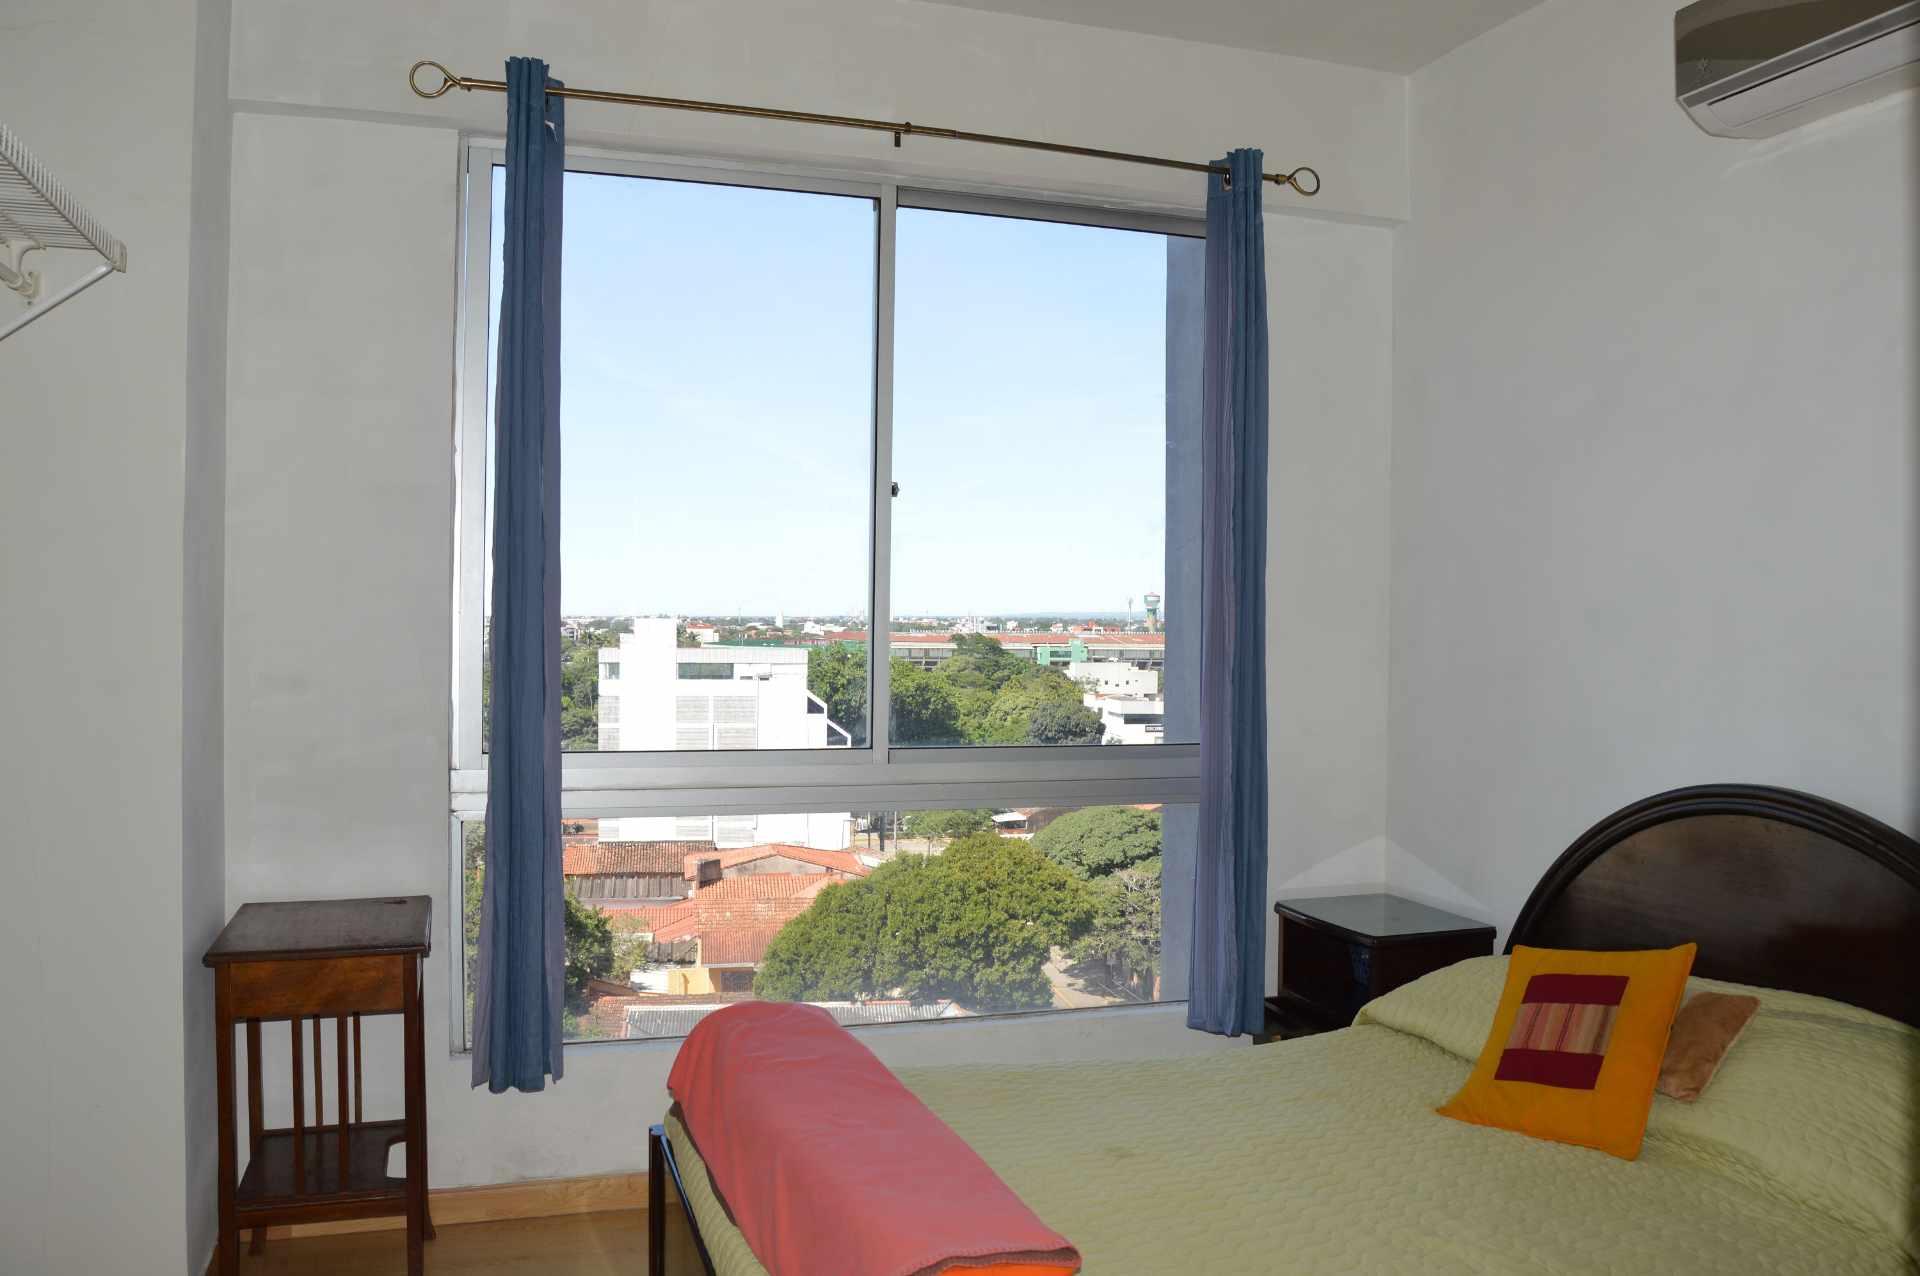 Departamento en Alquiler Calle Velasco, entre La Rivas y Lemoine, EDIFICIO TRES CARAVELAS, piso 8, Dpto I.  Foto 2